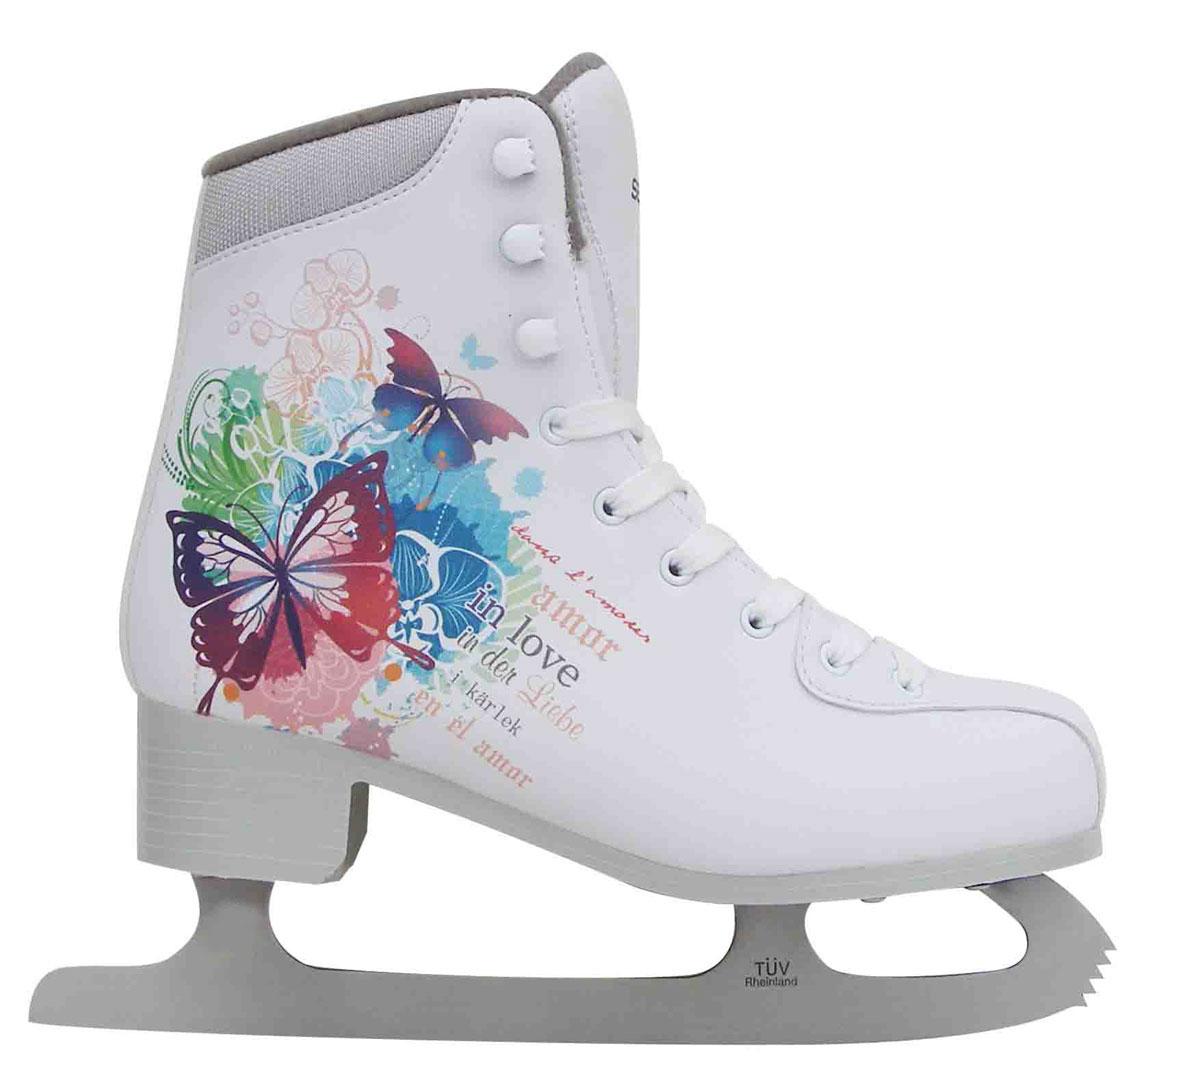 Коньки фигурные. PW-232PW-232Высокий классический ботинок идеально подойдет для любительского катания. Модель снабжена системой быстрой шнуровки и поддержкой голеностопа. Верх ботинка выполнен из высококачественной искусственной кожи, подошва - твердый пластик. Лезвие изготовлено из нержавеющей стали со специальным покрытием, придающим дополнительную прочность.